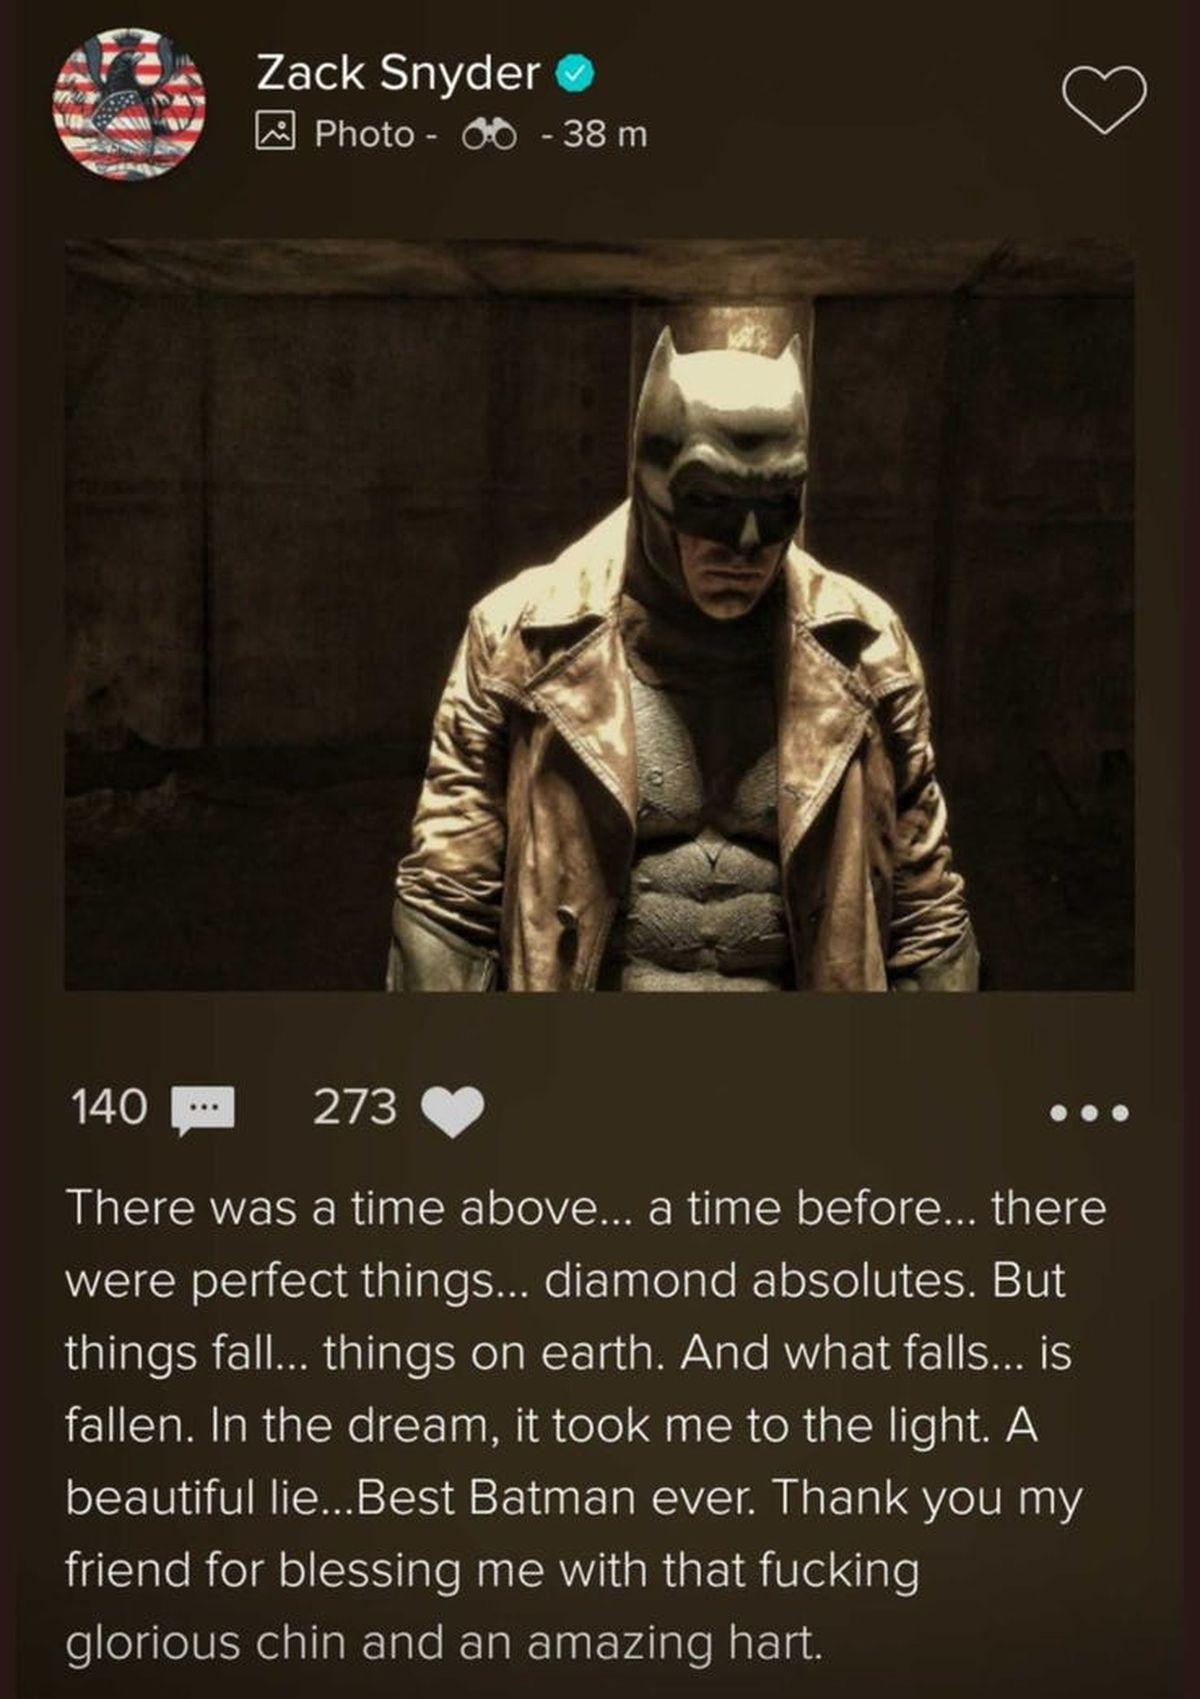 Dans un message d'adieu à Bruce Wayne version Affleck, Zack Snyder a considéré que Ben Affleck était le meilleur Batman de tous les temps.